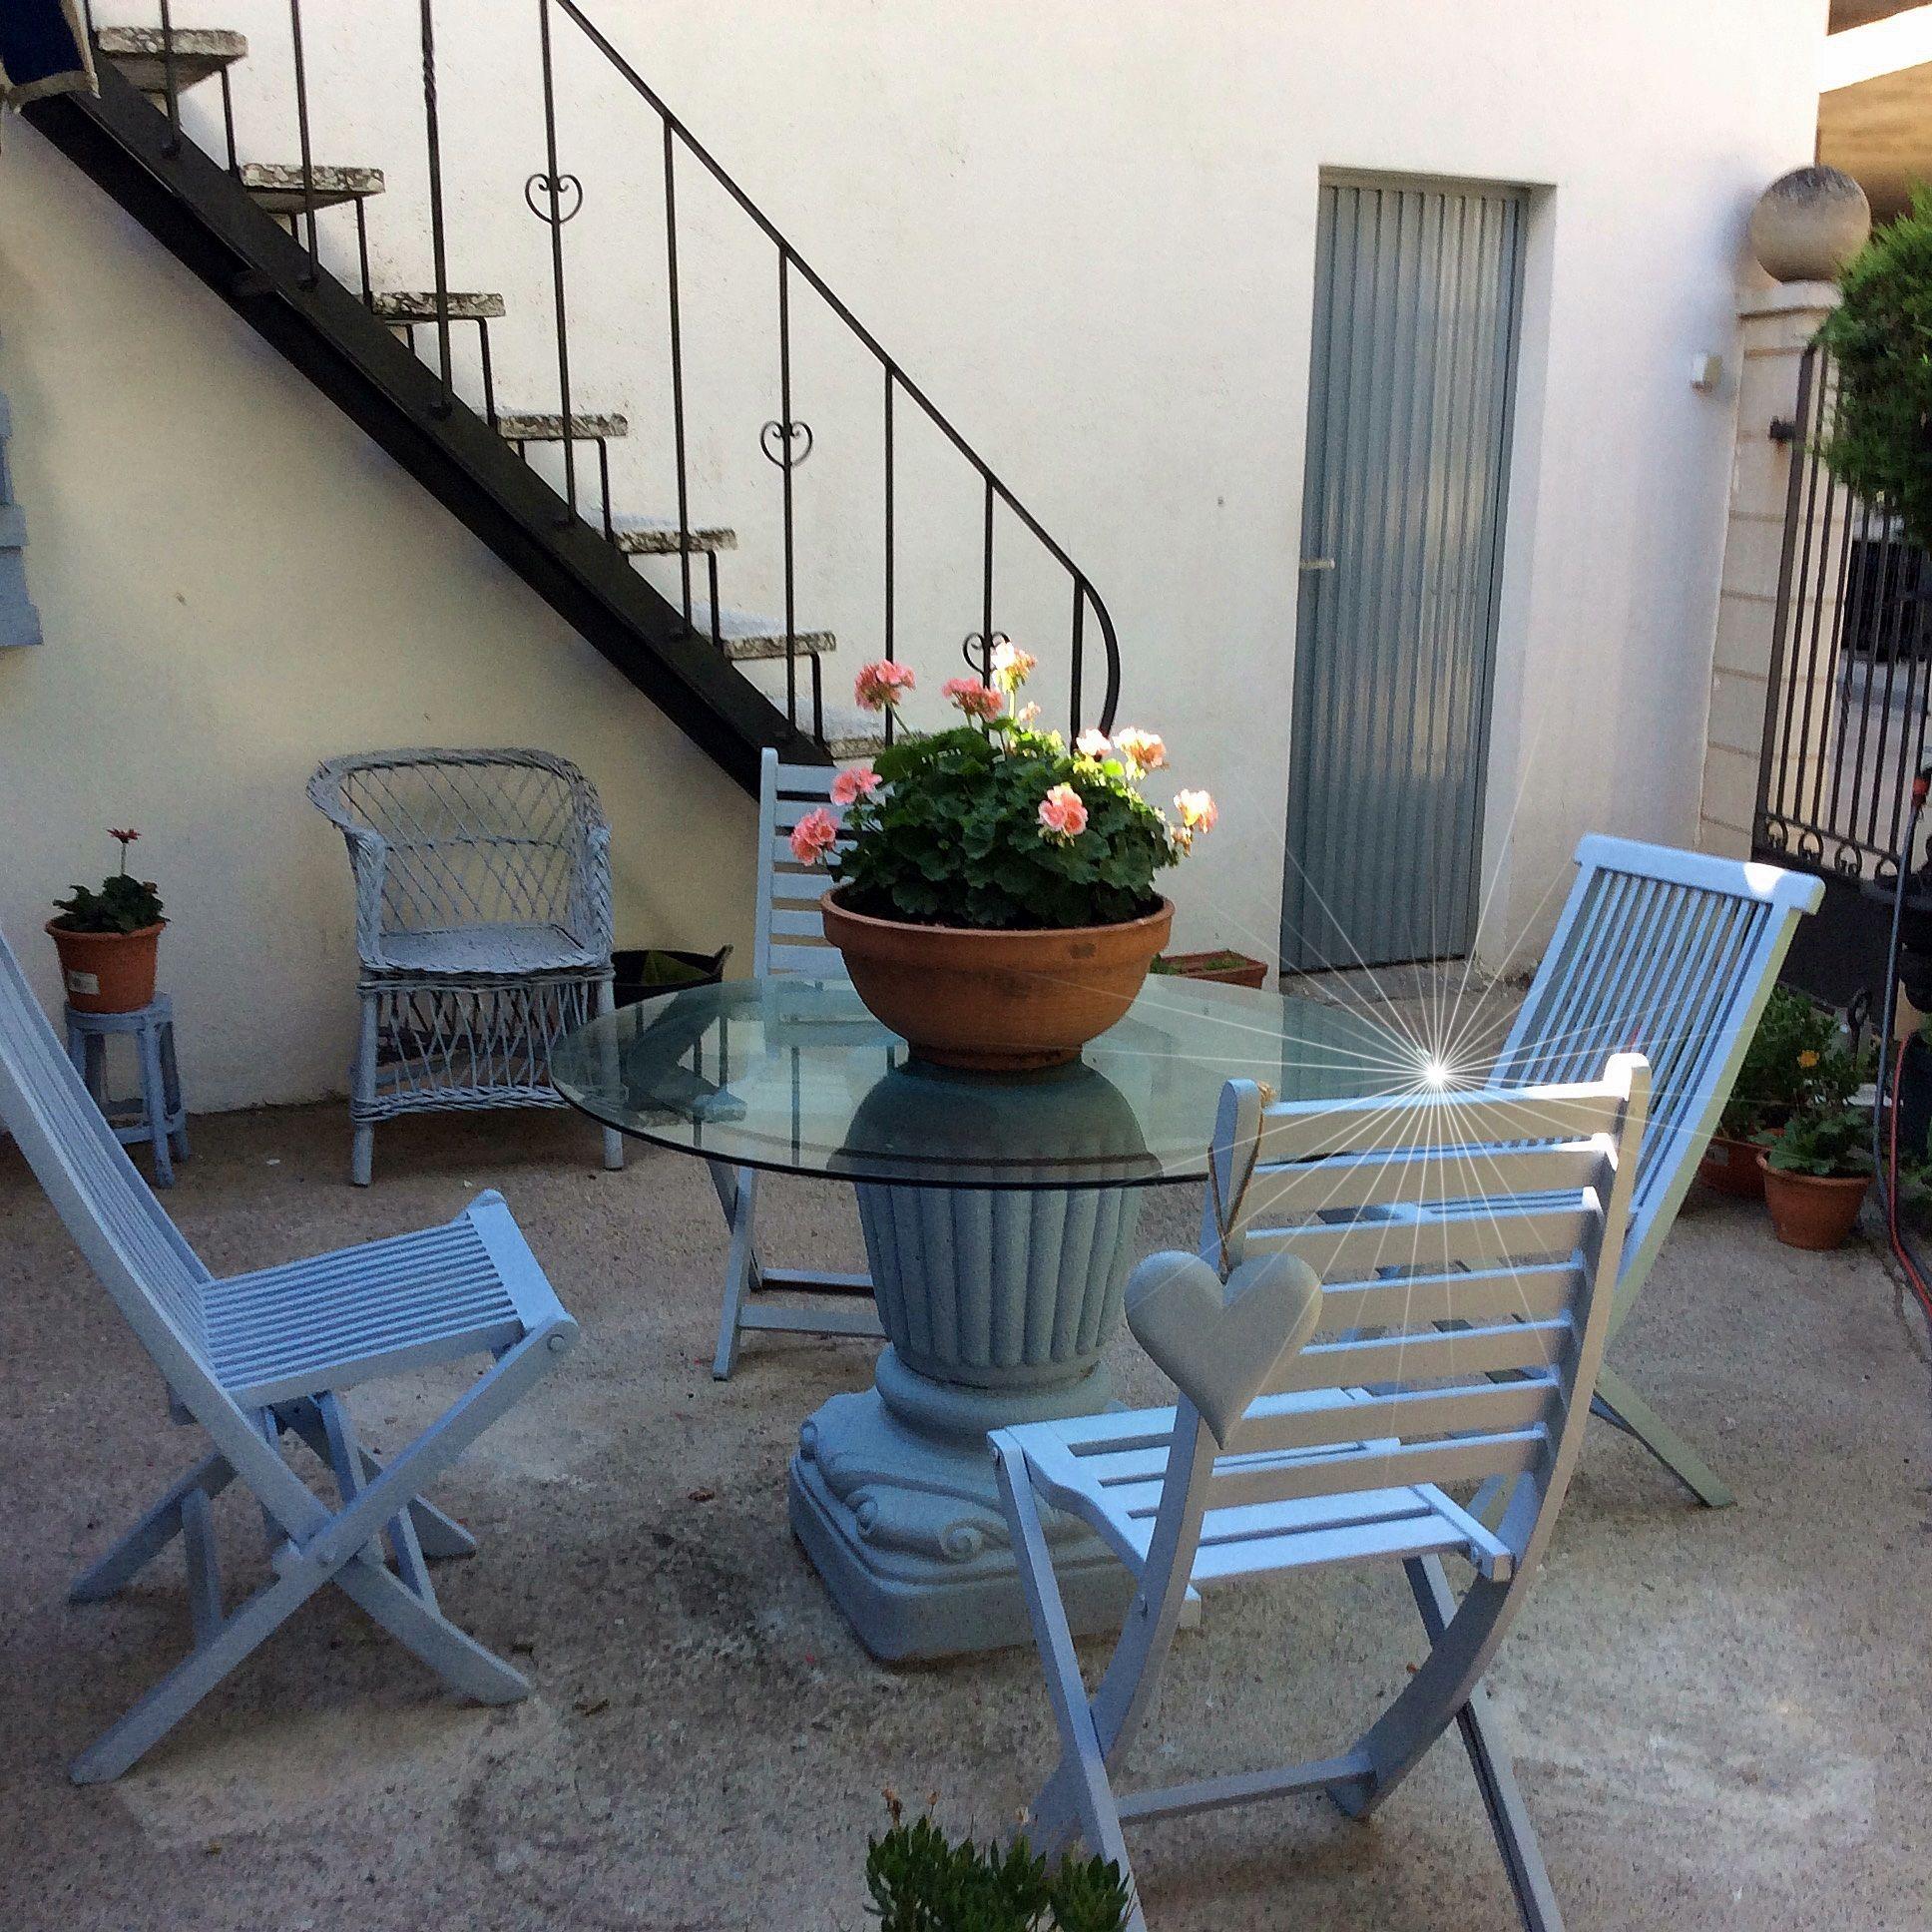 Jardin 1936 1936 ideas deco pinterest muebles de jardin aprovechado y elementos - Pintar terraza ...